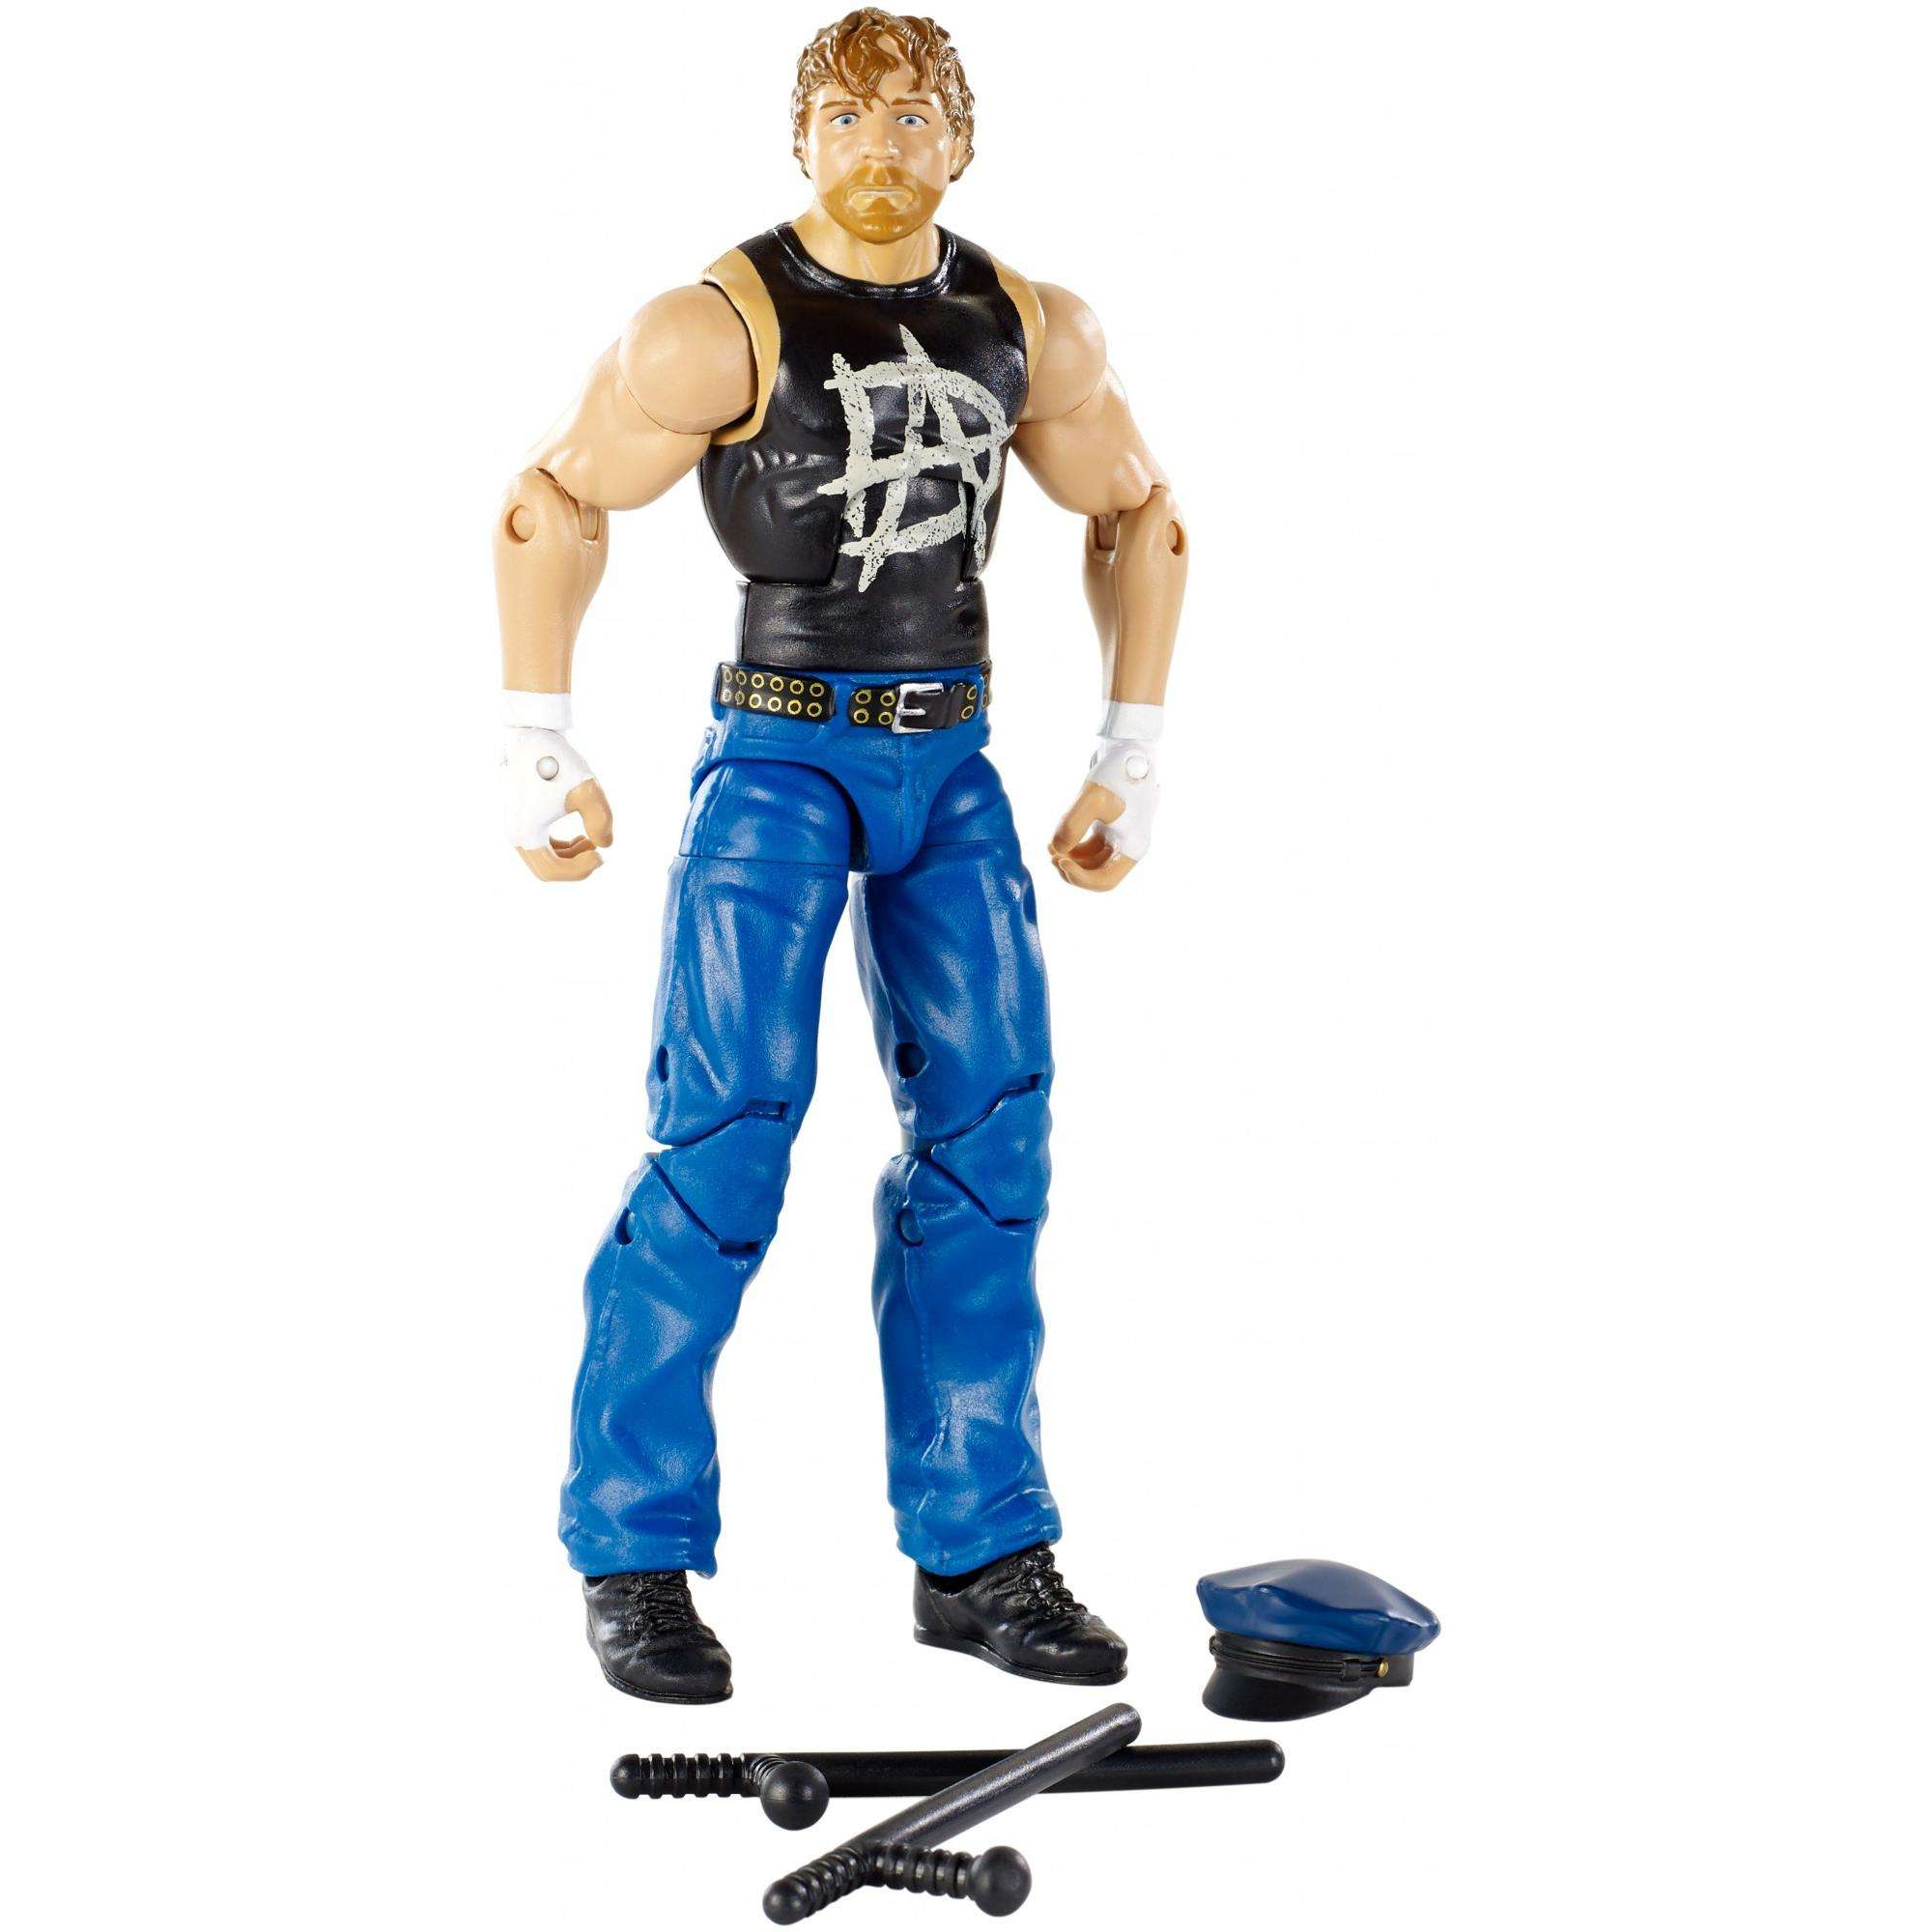 WWE Elite Dean Ambrose Figure by Mattel